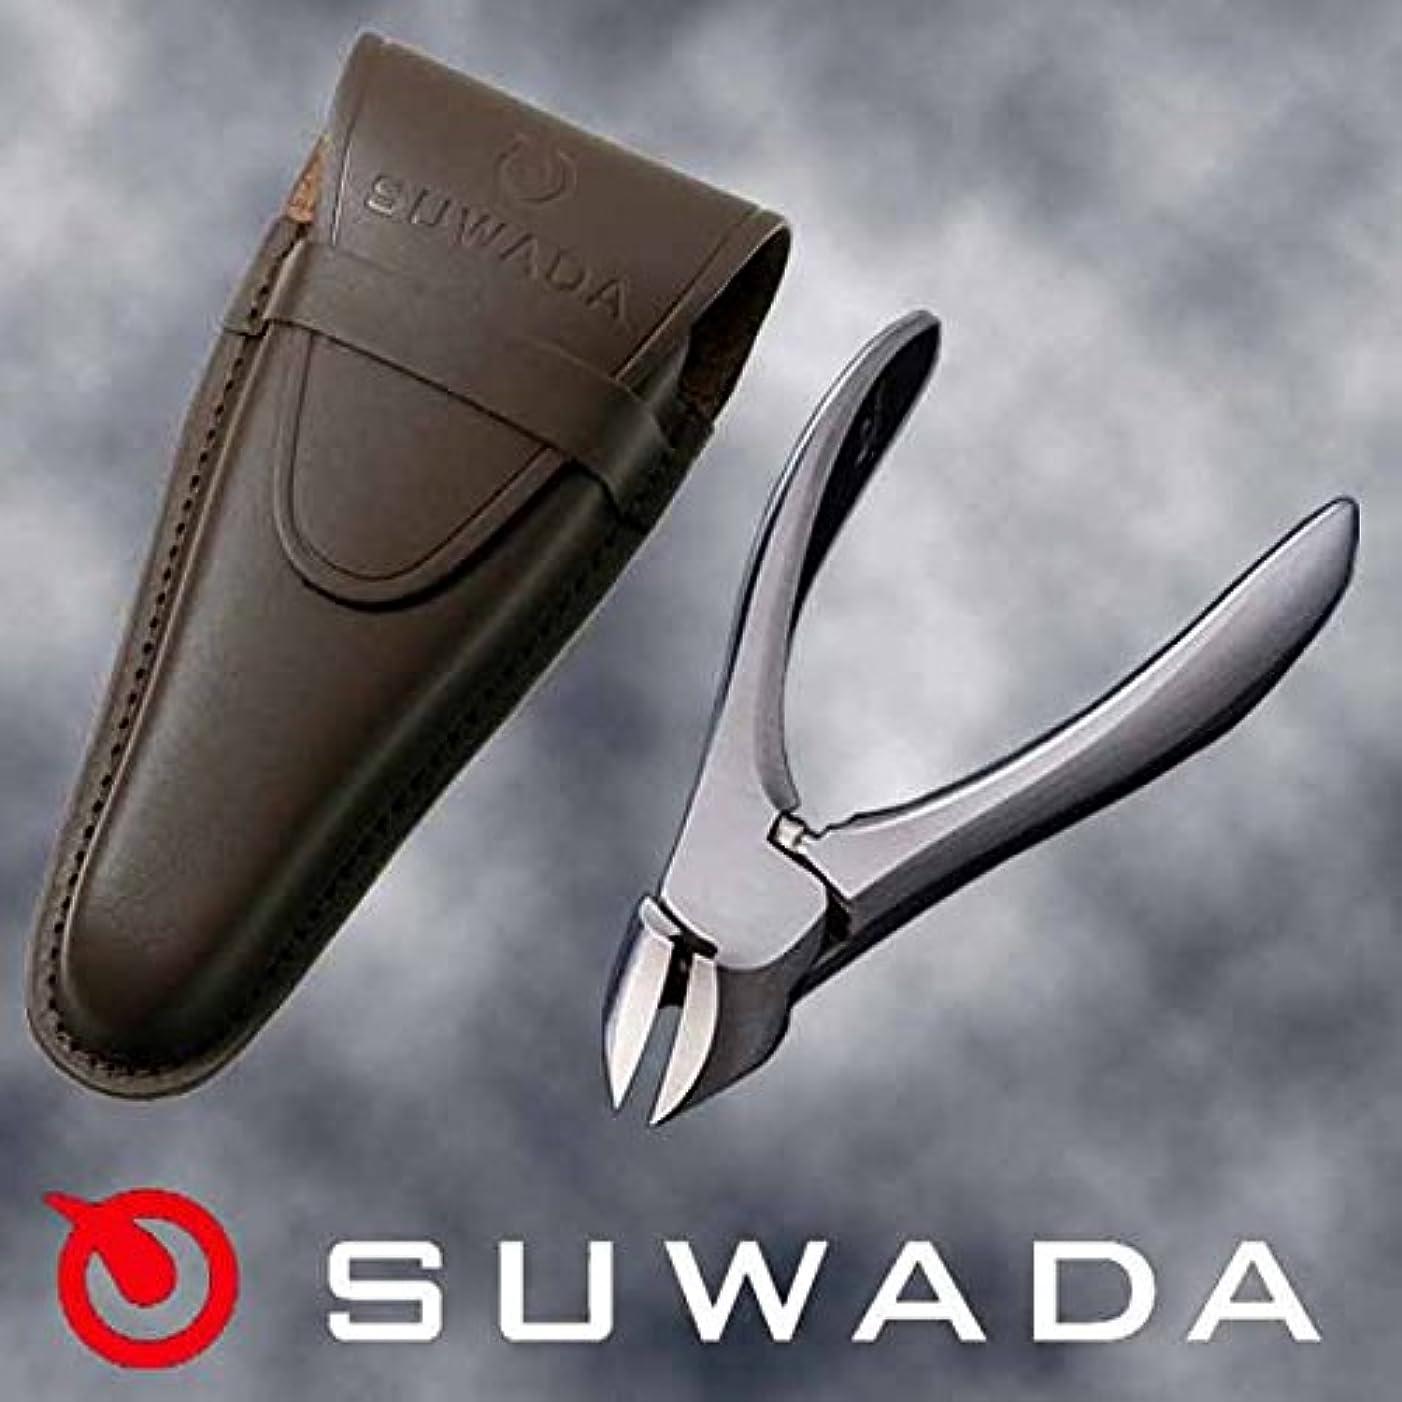 船尾飲料郊外SUWADA爪切りクラシックL&ブラウン(茶)革ケースセット 特注モデル 諏訪田製作所製 スワダの爪切り